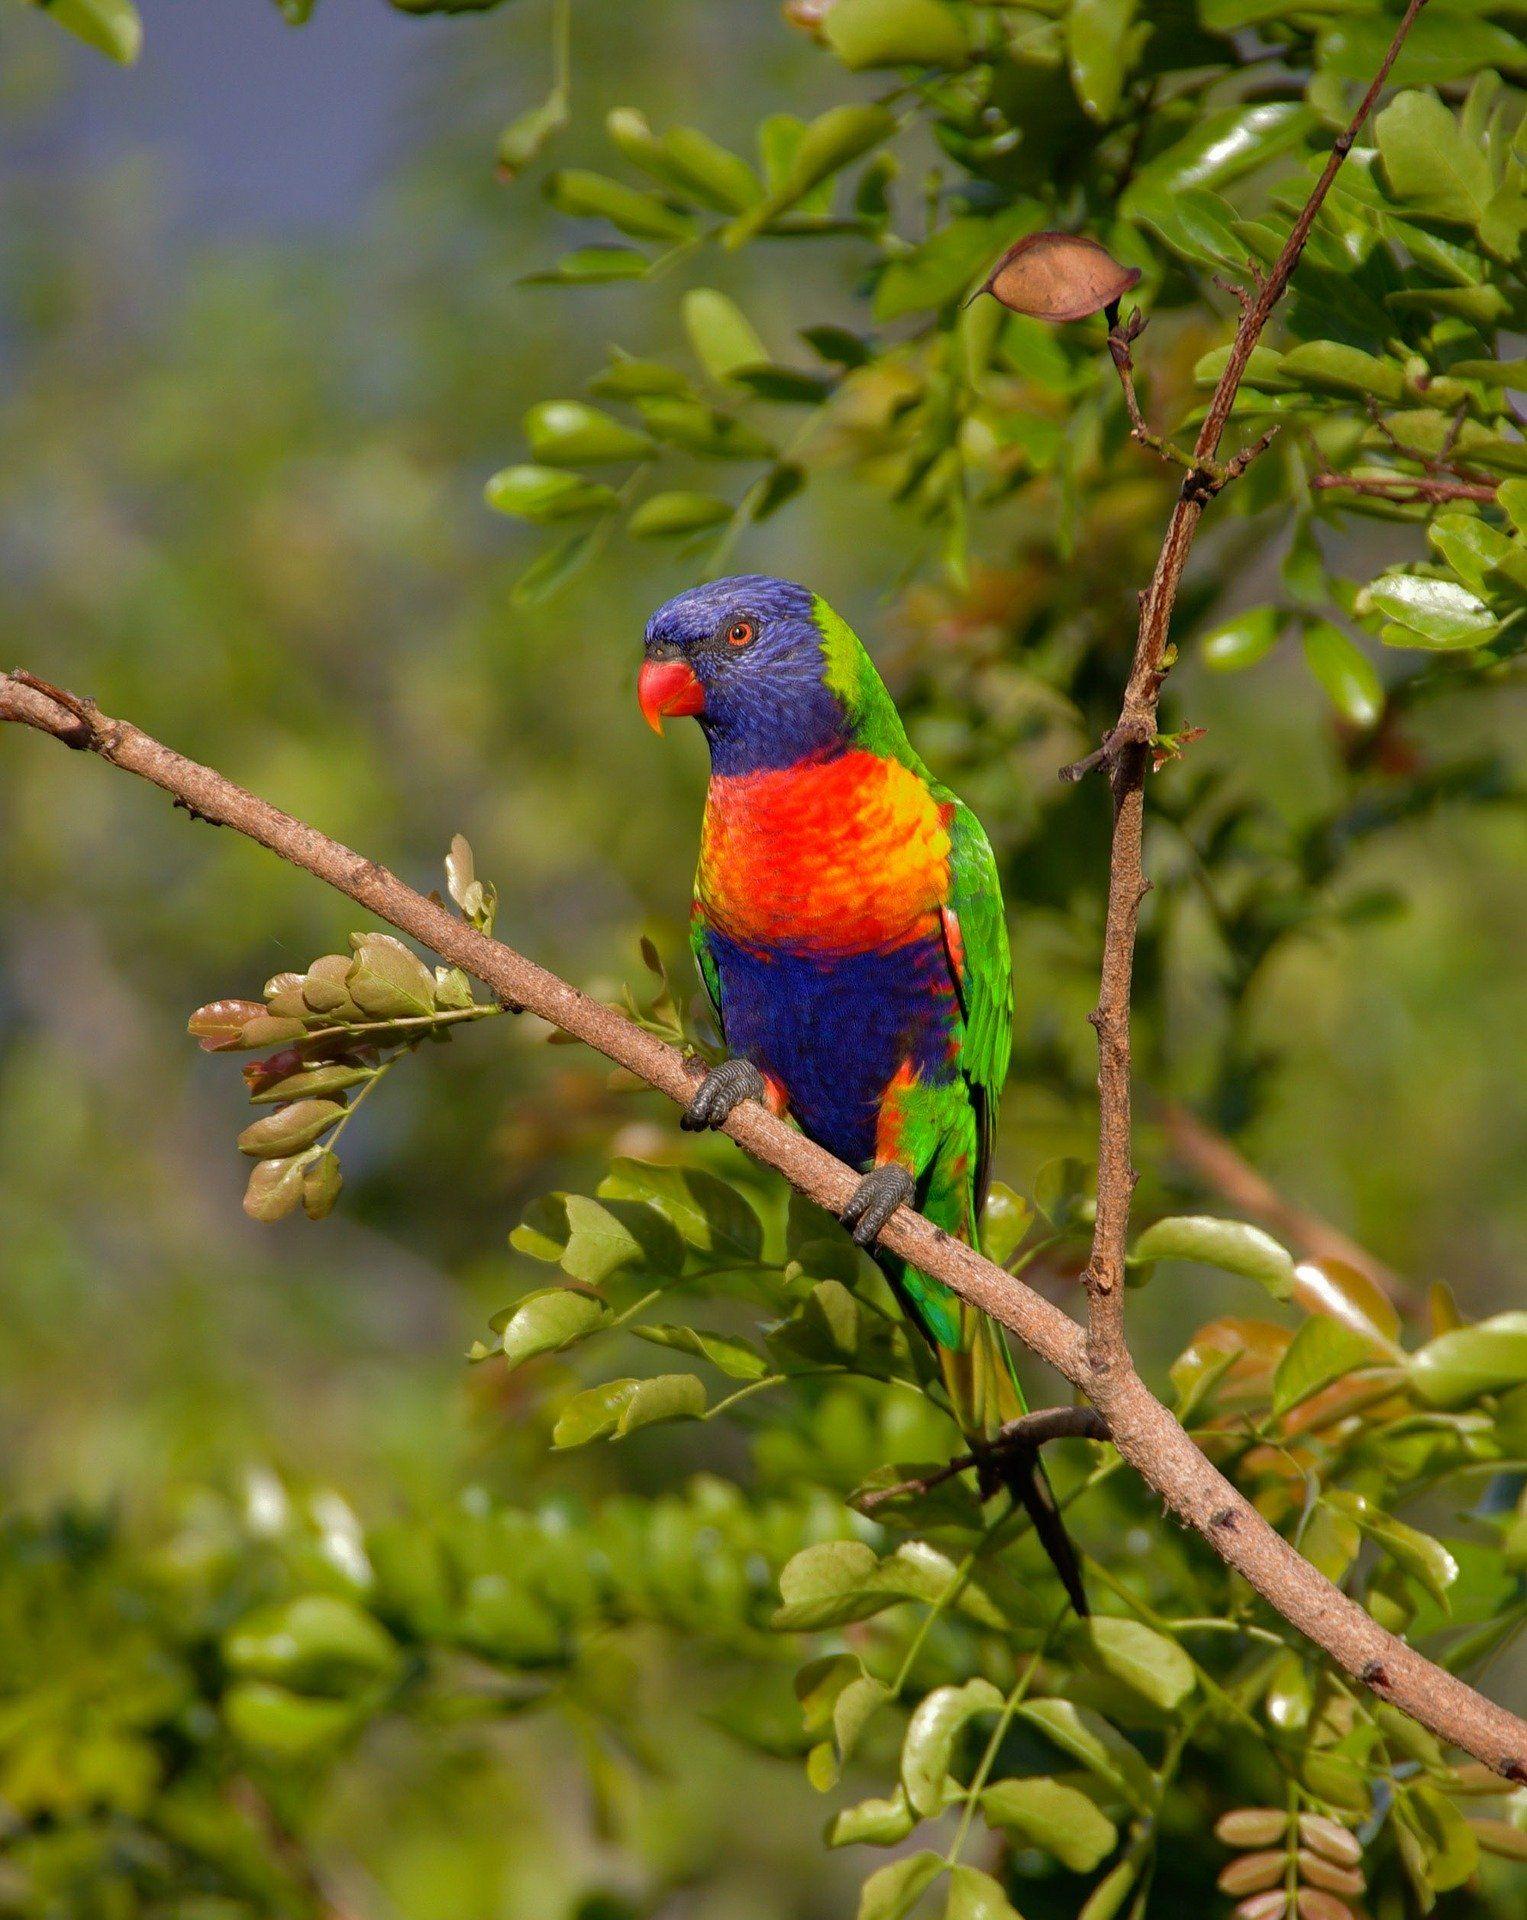 Смотреть красивое фото ручного, домашнего попугая